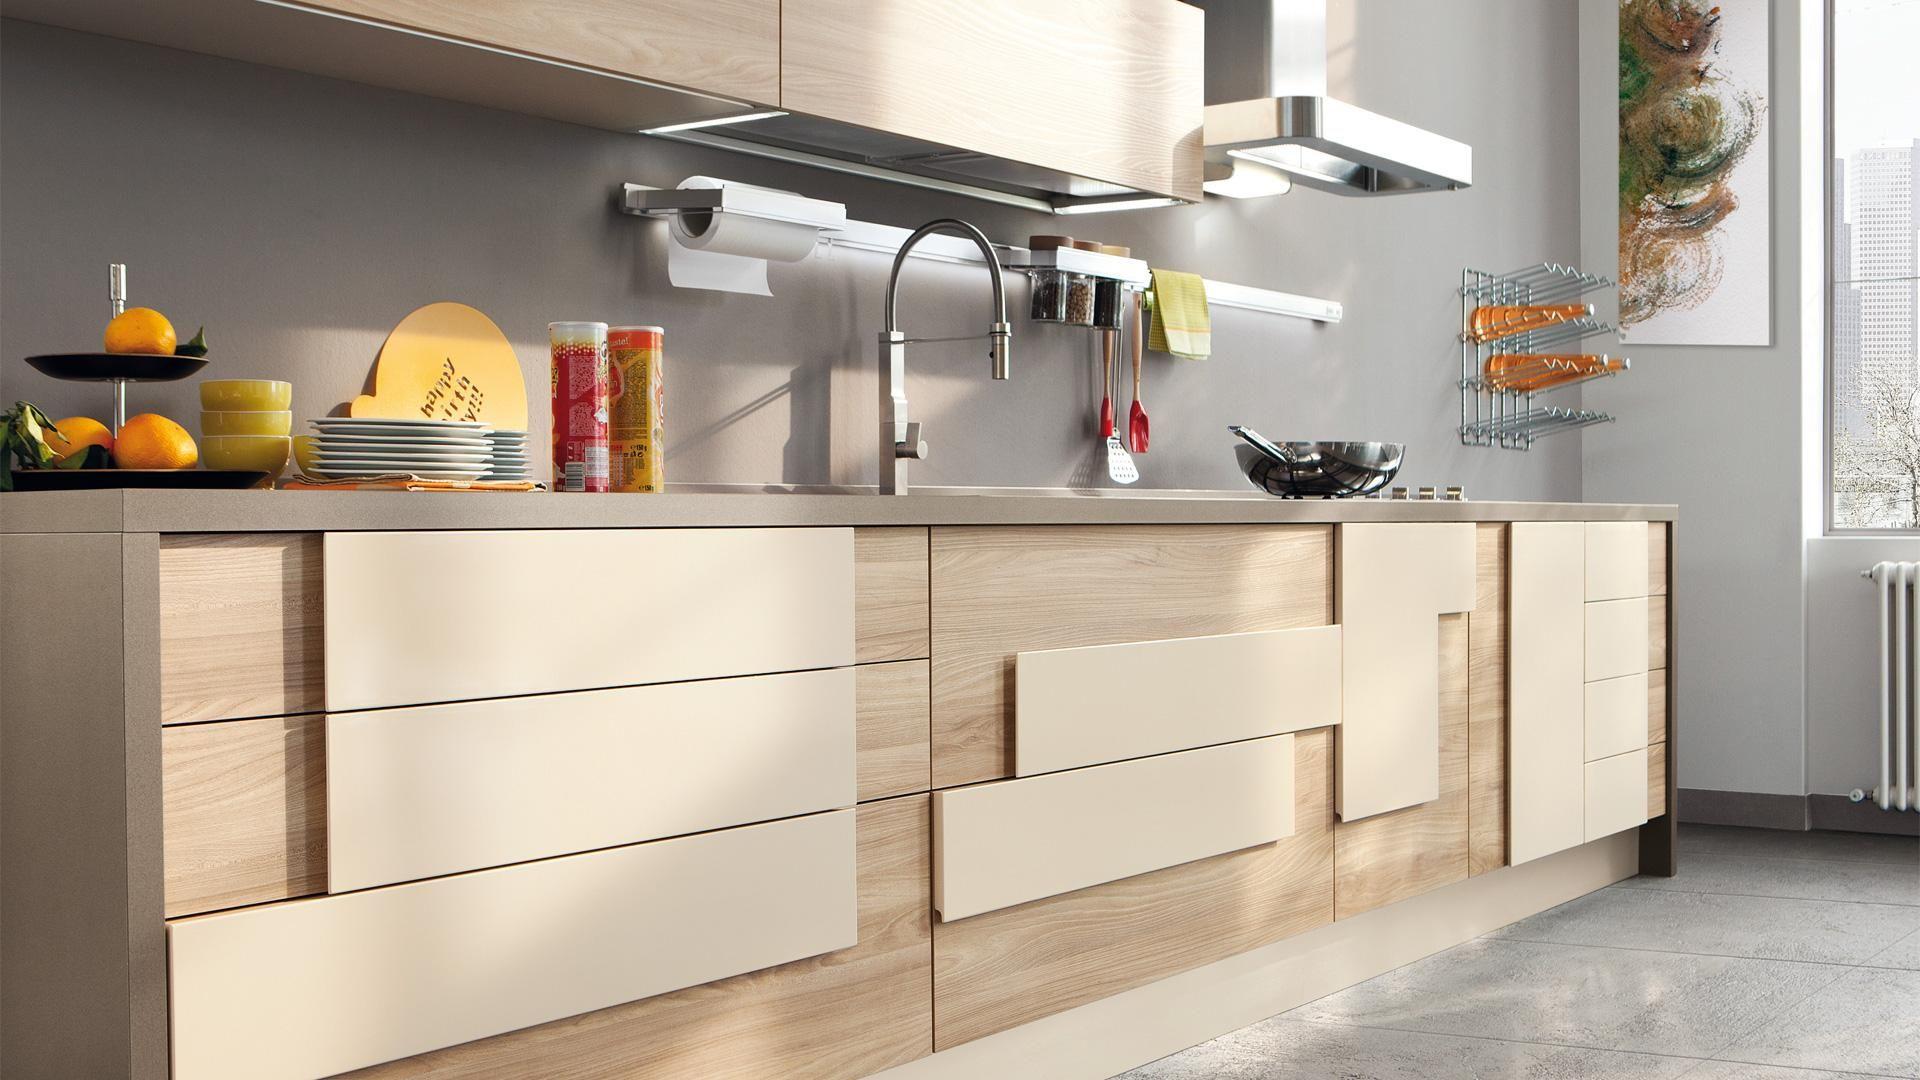 Cucine Lube | Kitchen furniture, Kitchen, Interior